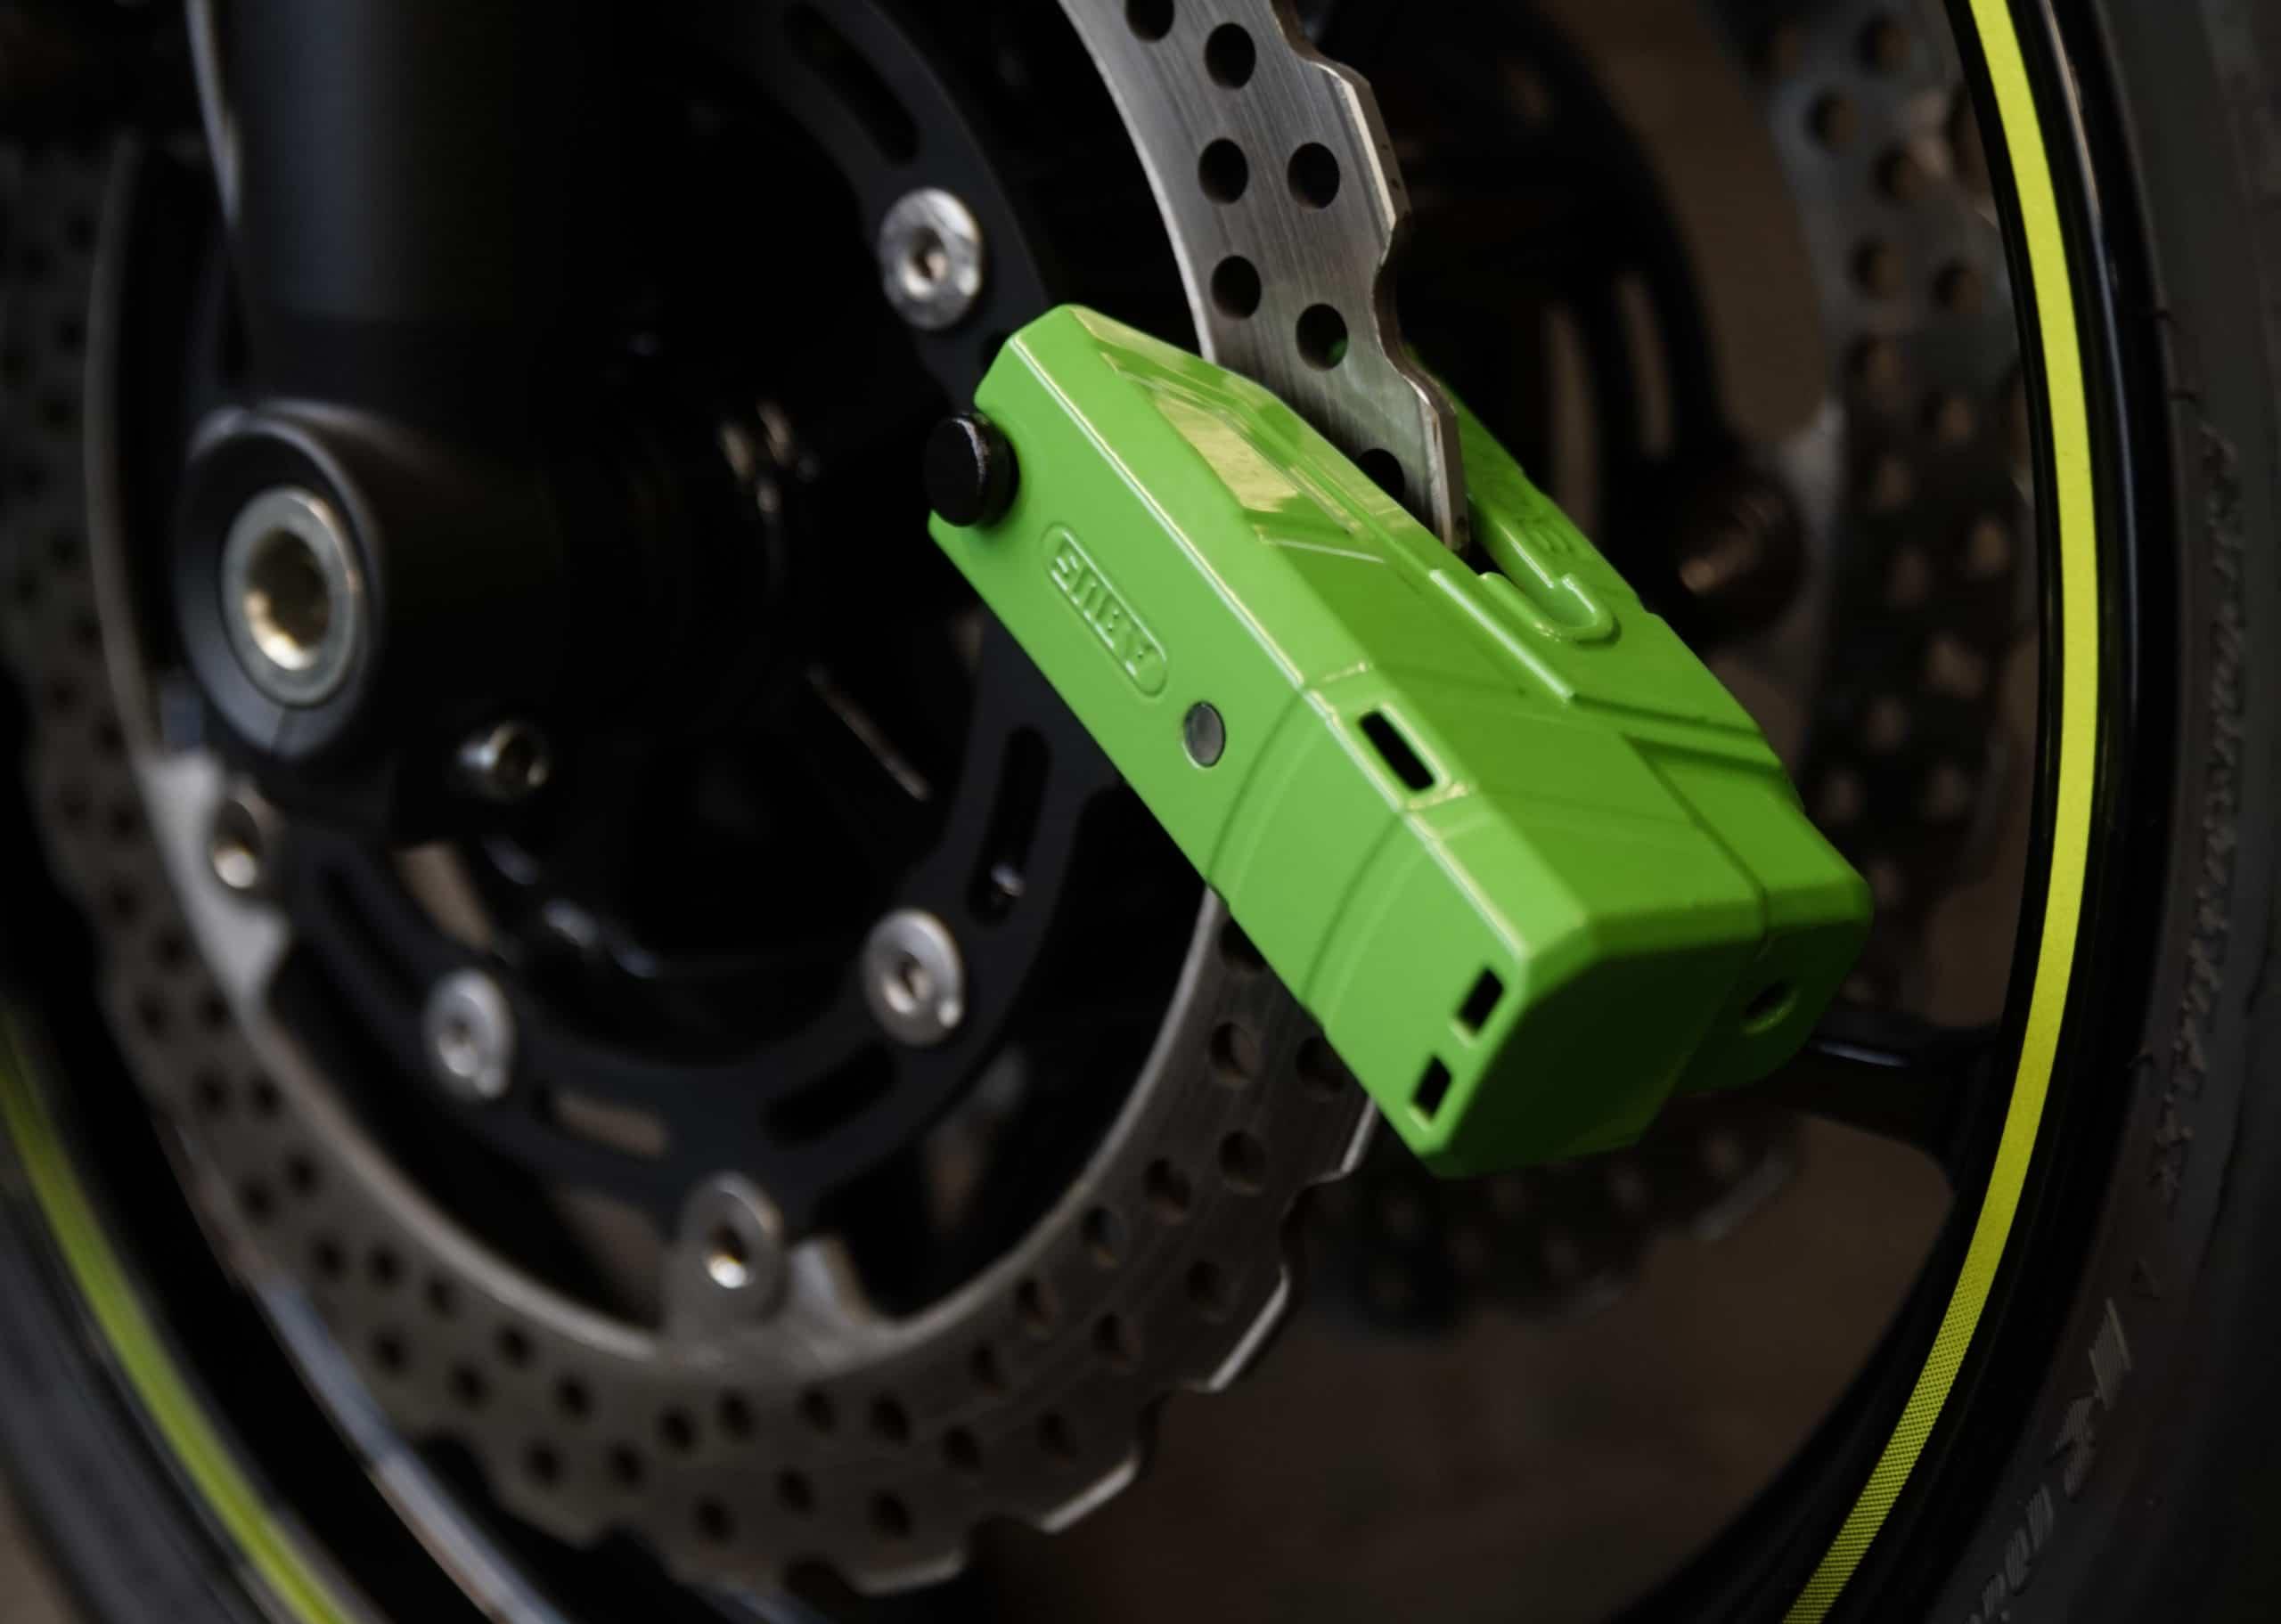 Abus Motorrad Bremsscheibenschloss in grün mit Alarm